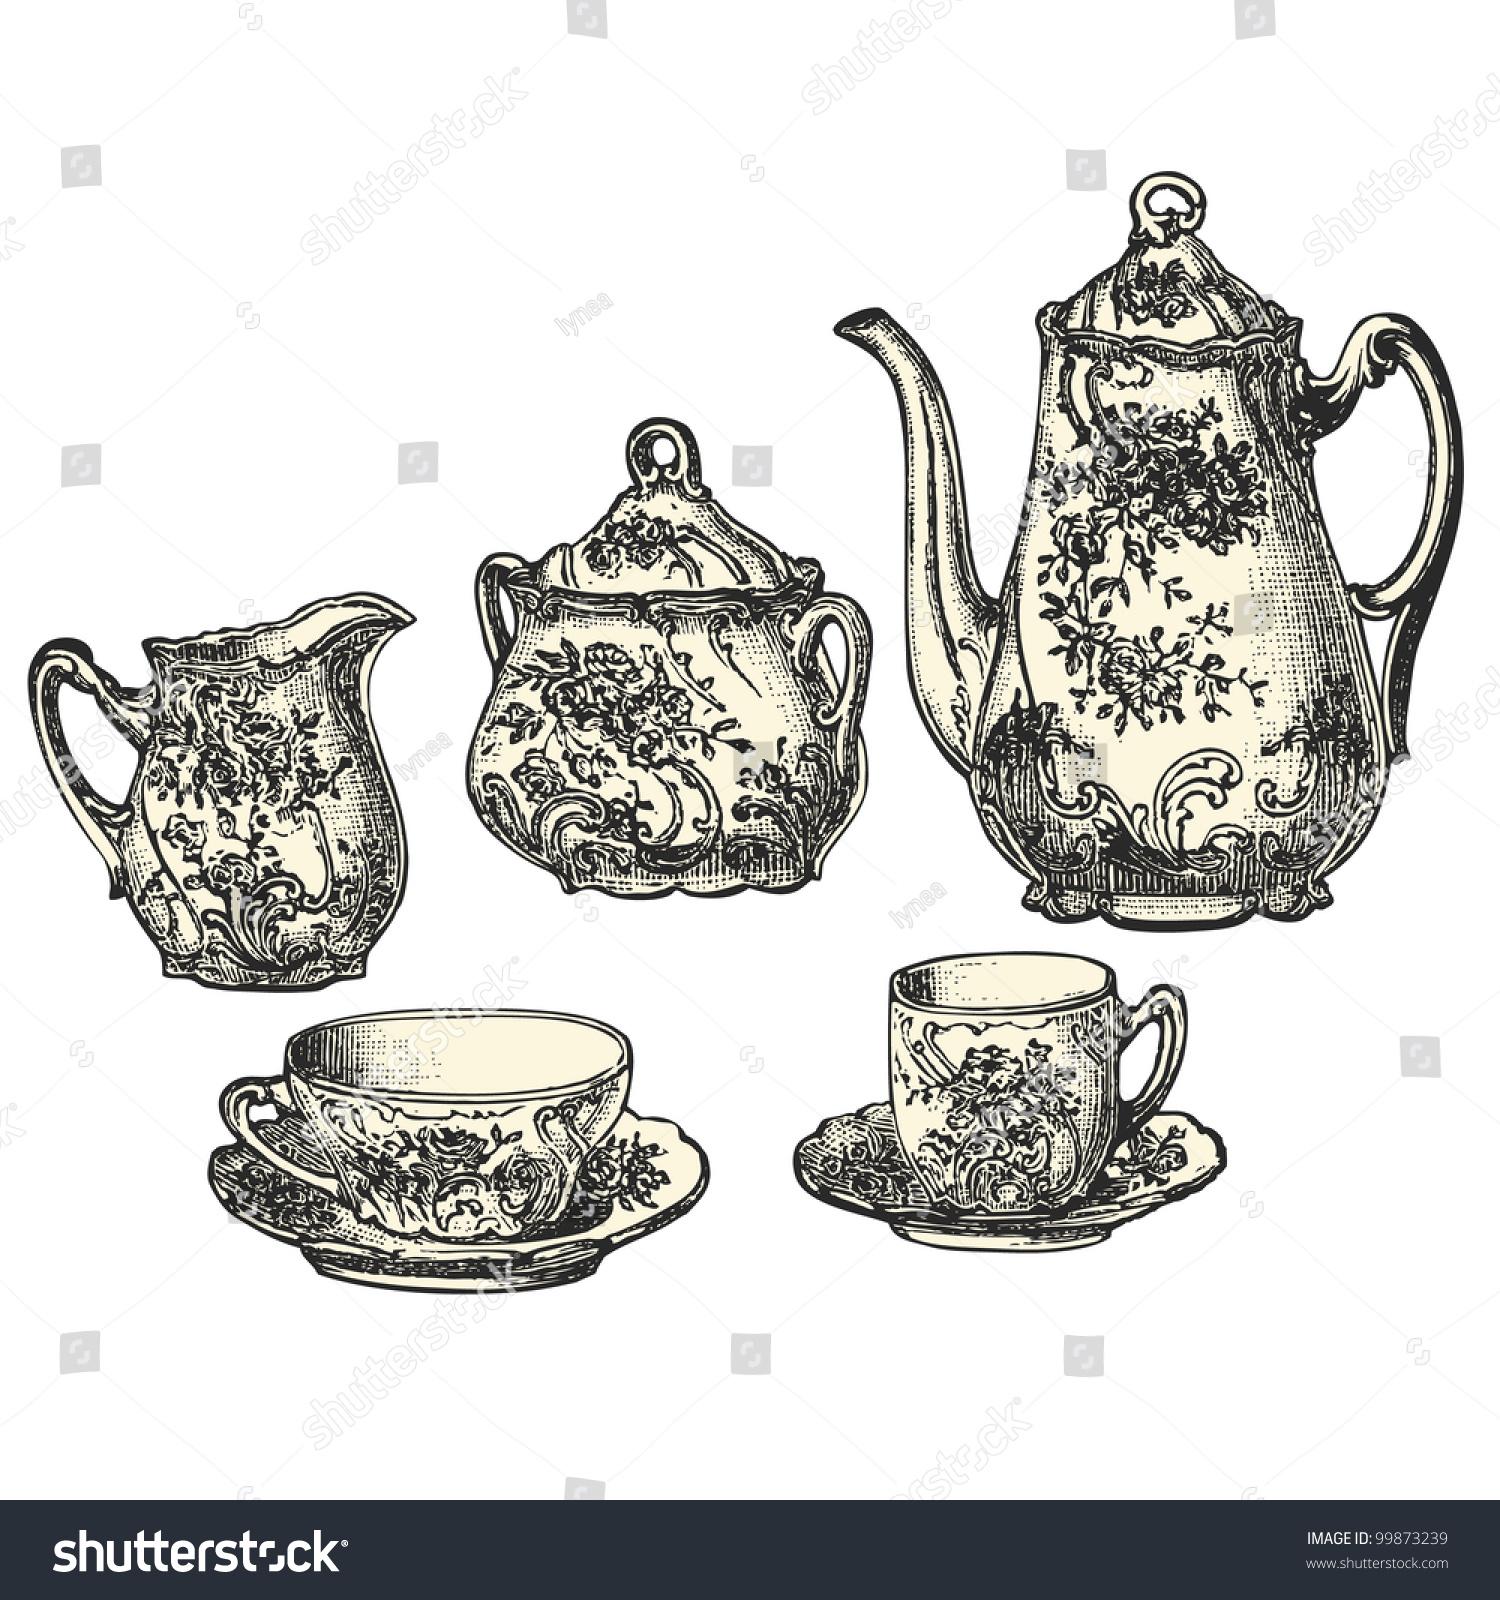 Tea Pot - Vintage Engraved Illustration - Catalog Of A ...